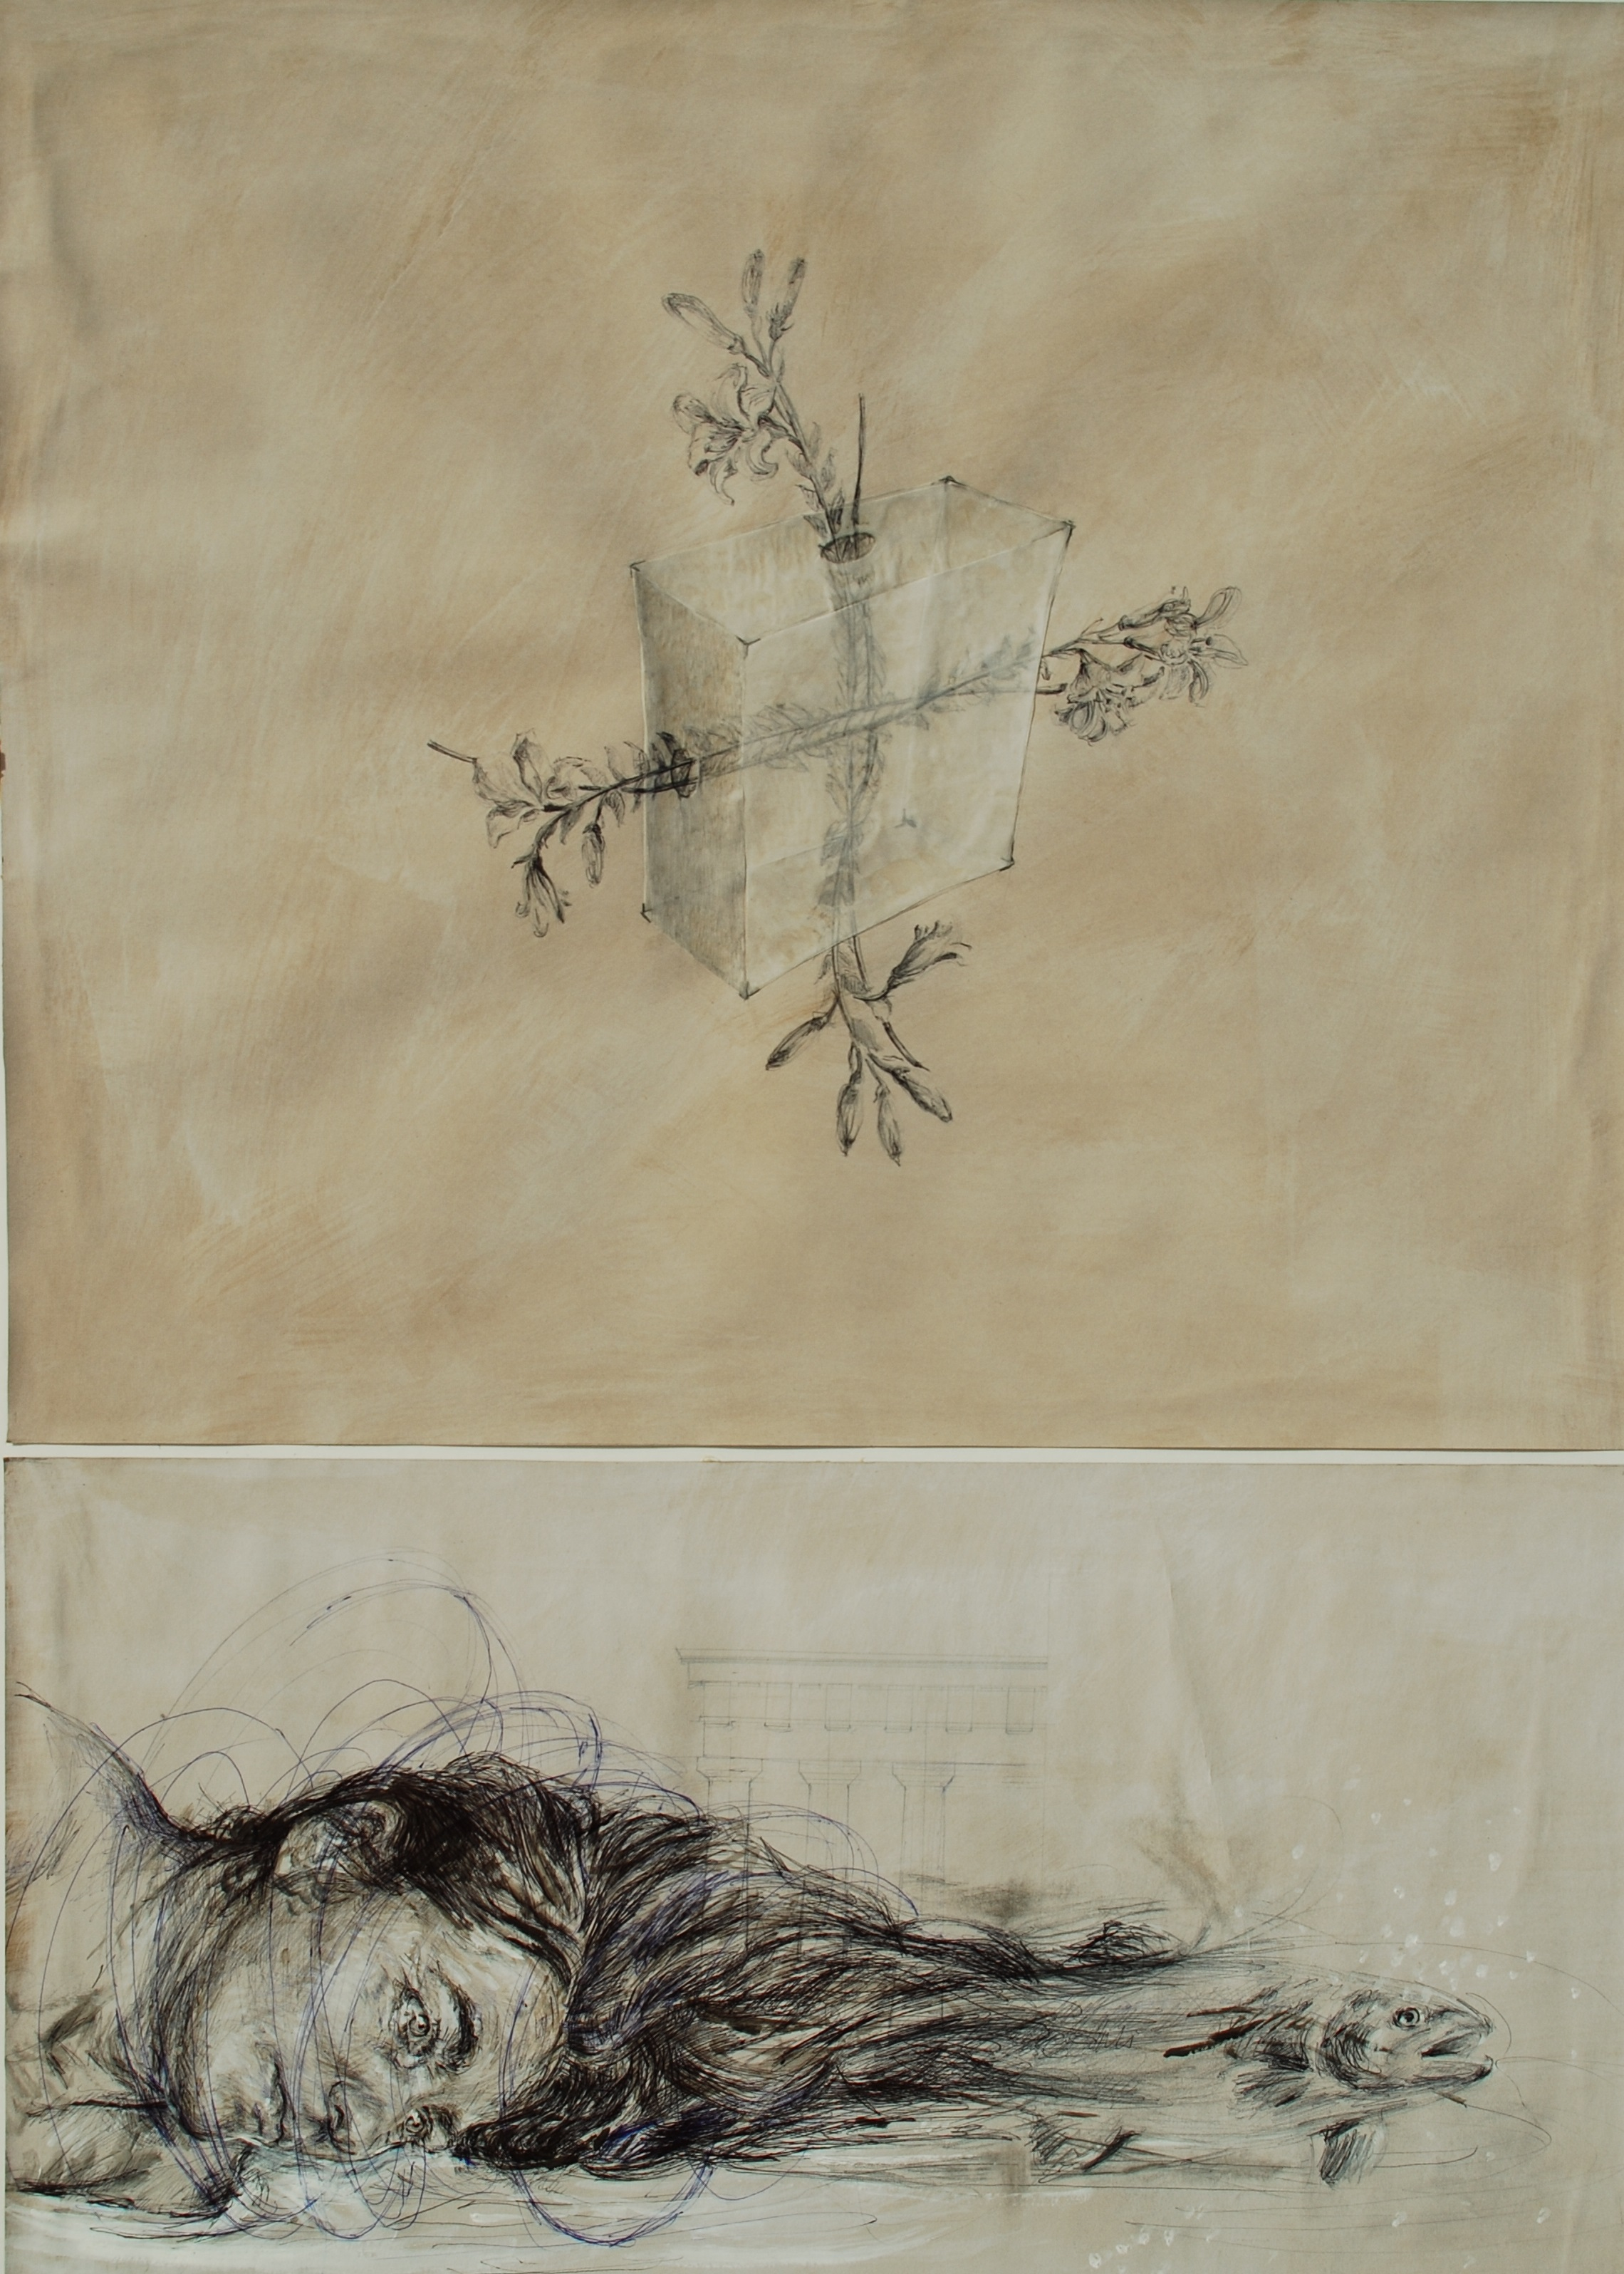 Moira Franco, Iceberg (Catarsi) 2013, biro, grafite e acrilico su carta, 98x70 cm